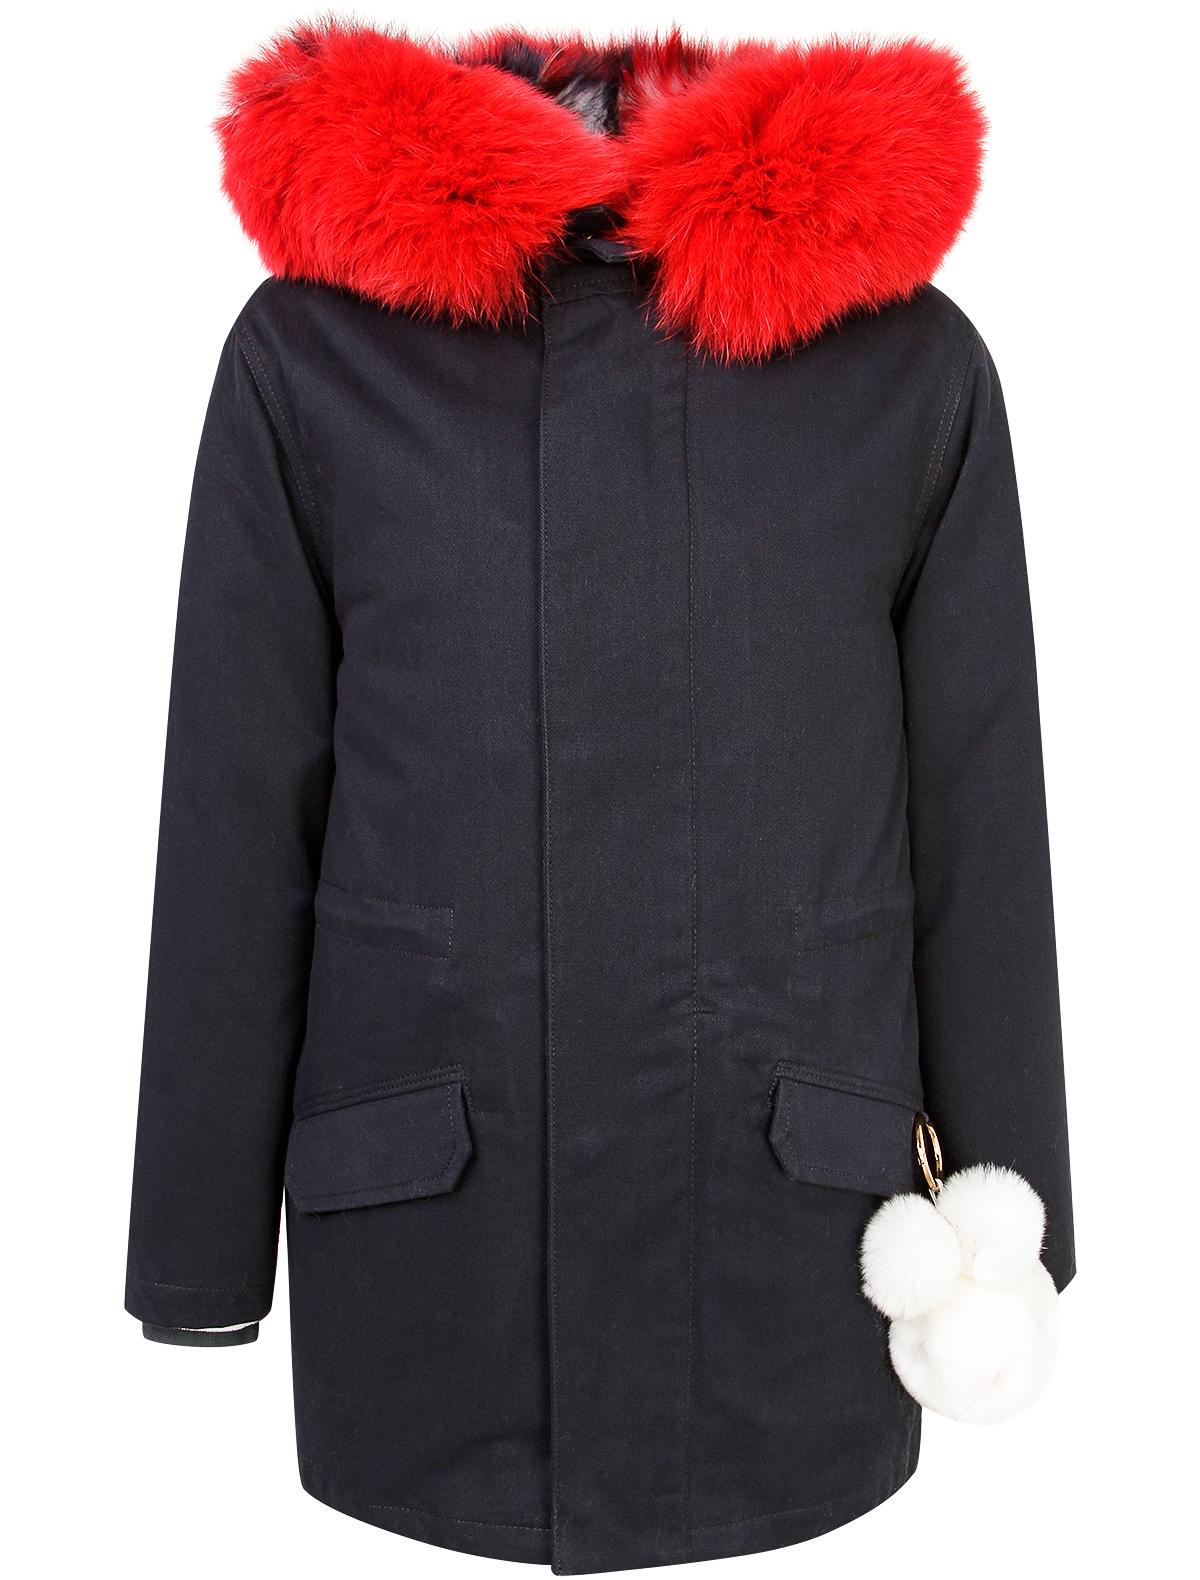 Купить 1935011, Куртка текстильная швейная Yves Salomon, синий, Женский, 4251408881630